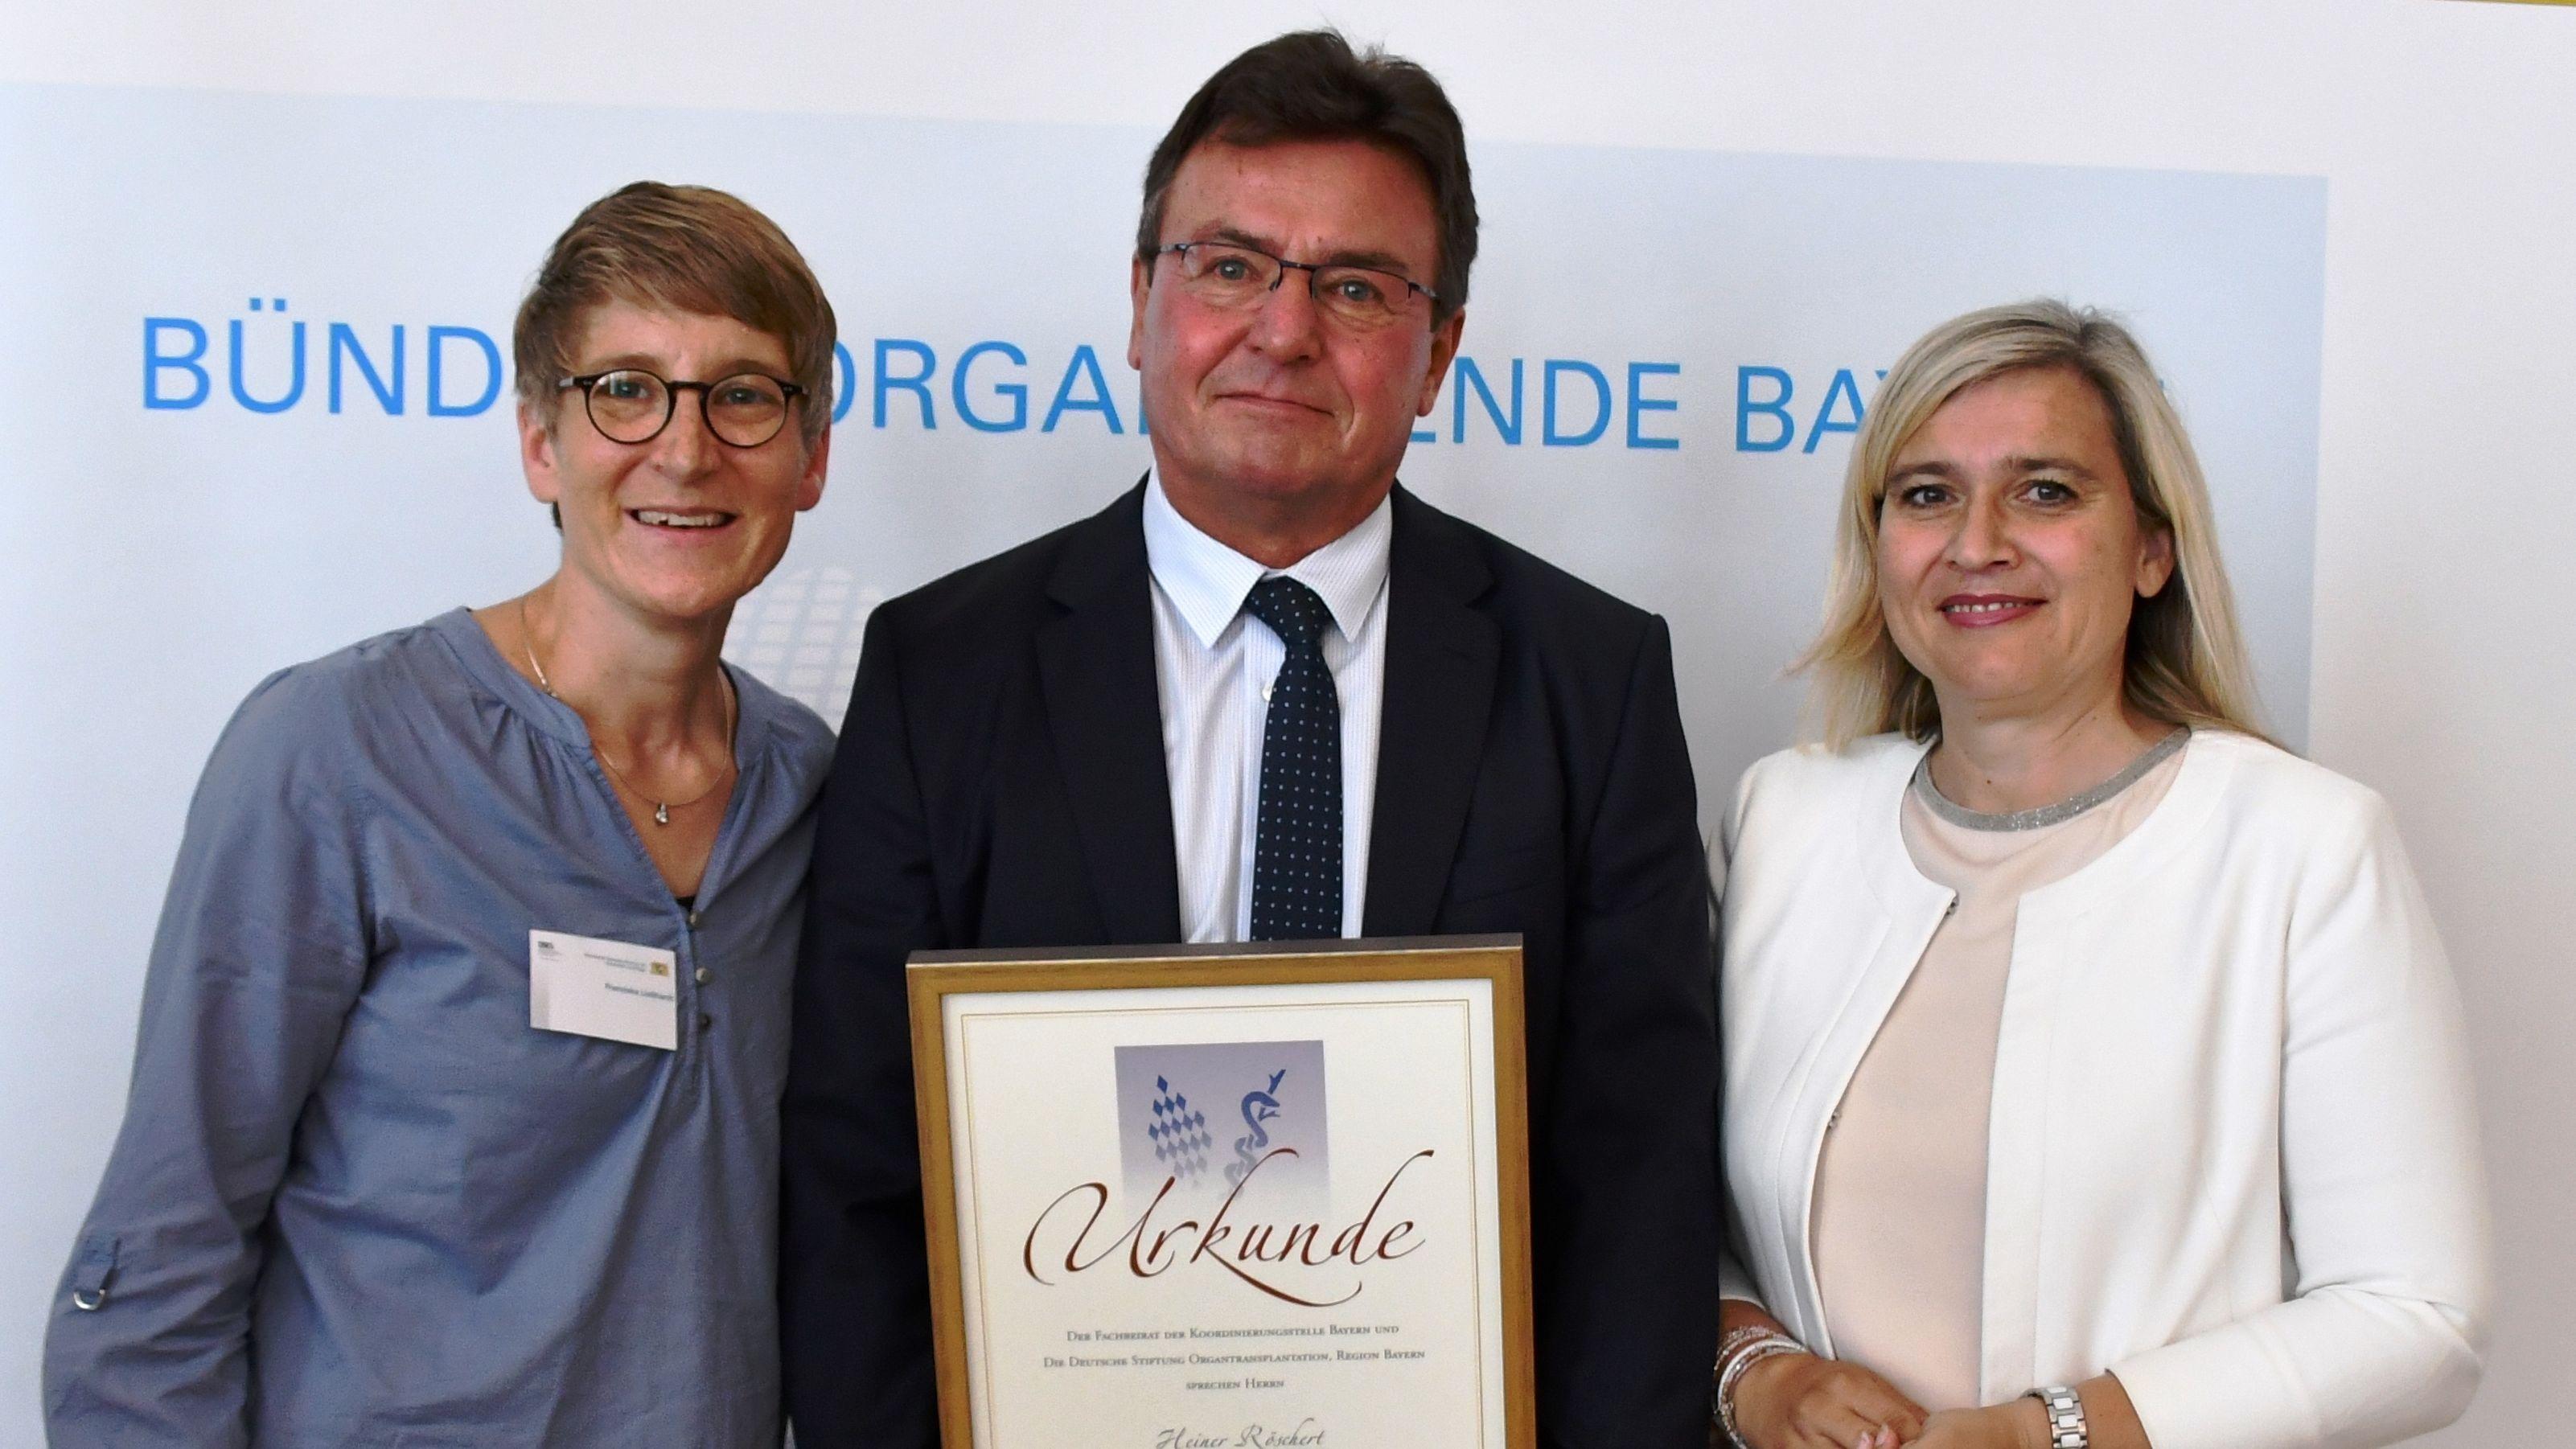 Heiner Röschert bei der Verleihung mit Bayerns Gesundheitsministerin Melanie Huml (rechts) und Paralympics-Siegerin Franziska Liebhardt (links).